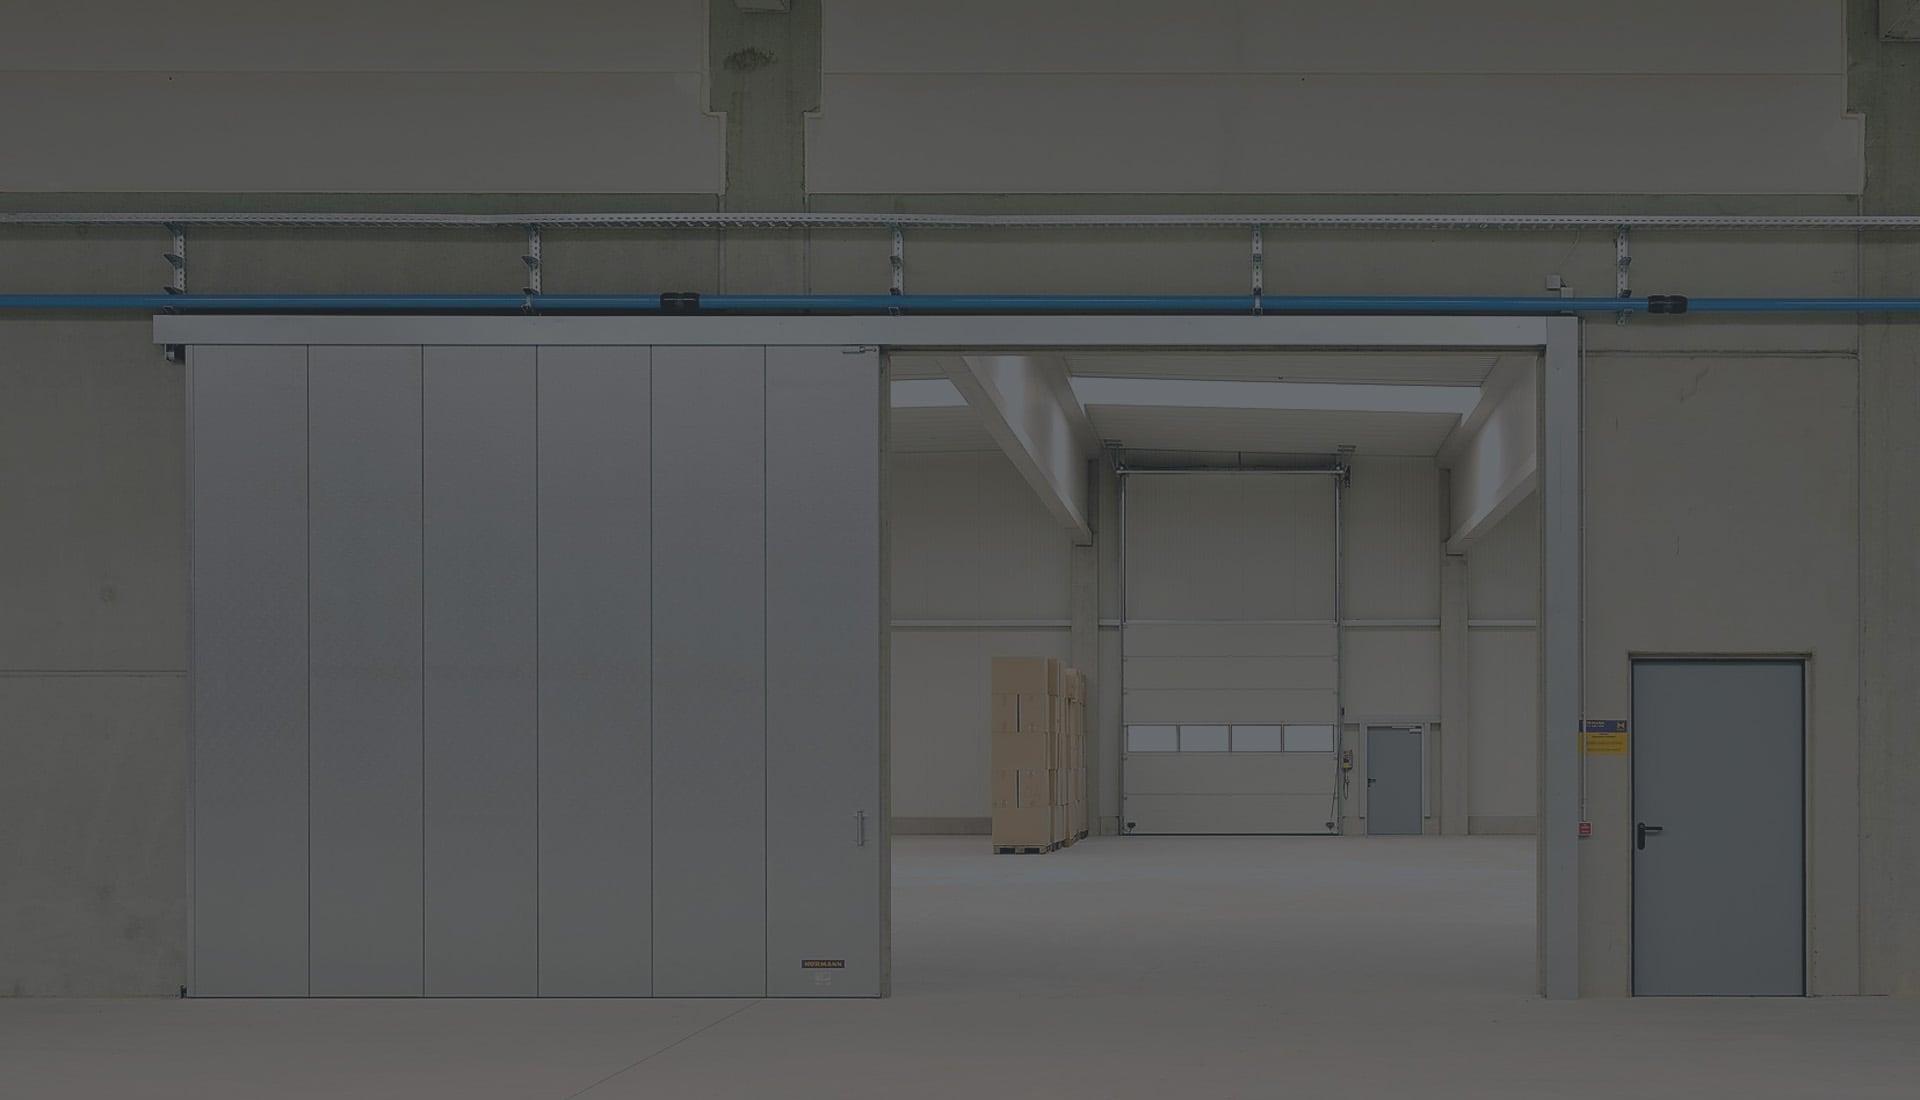 Приводы для автоматических дверей